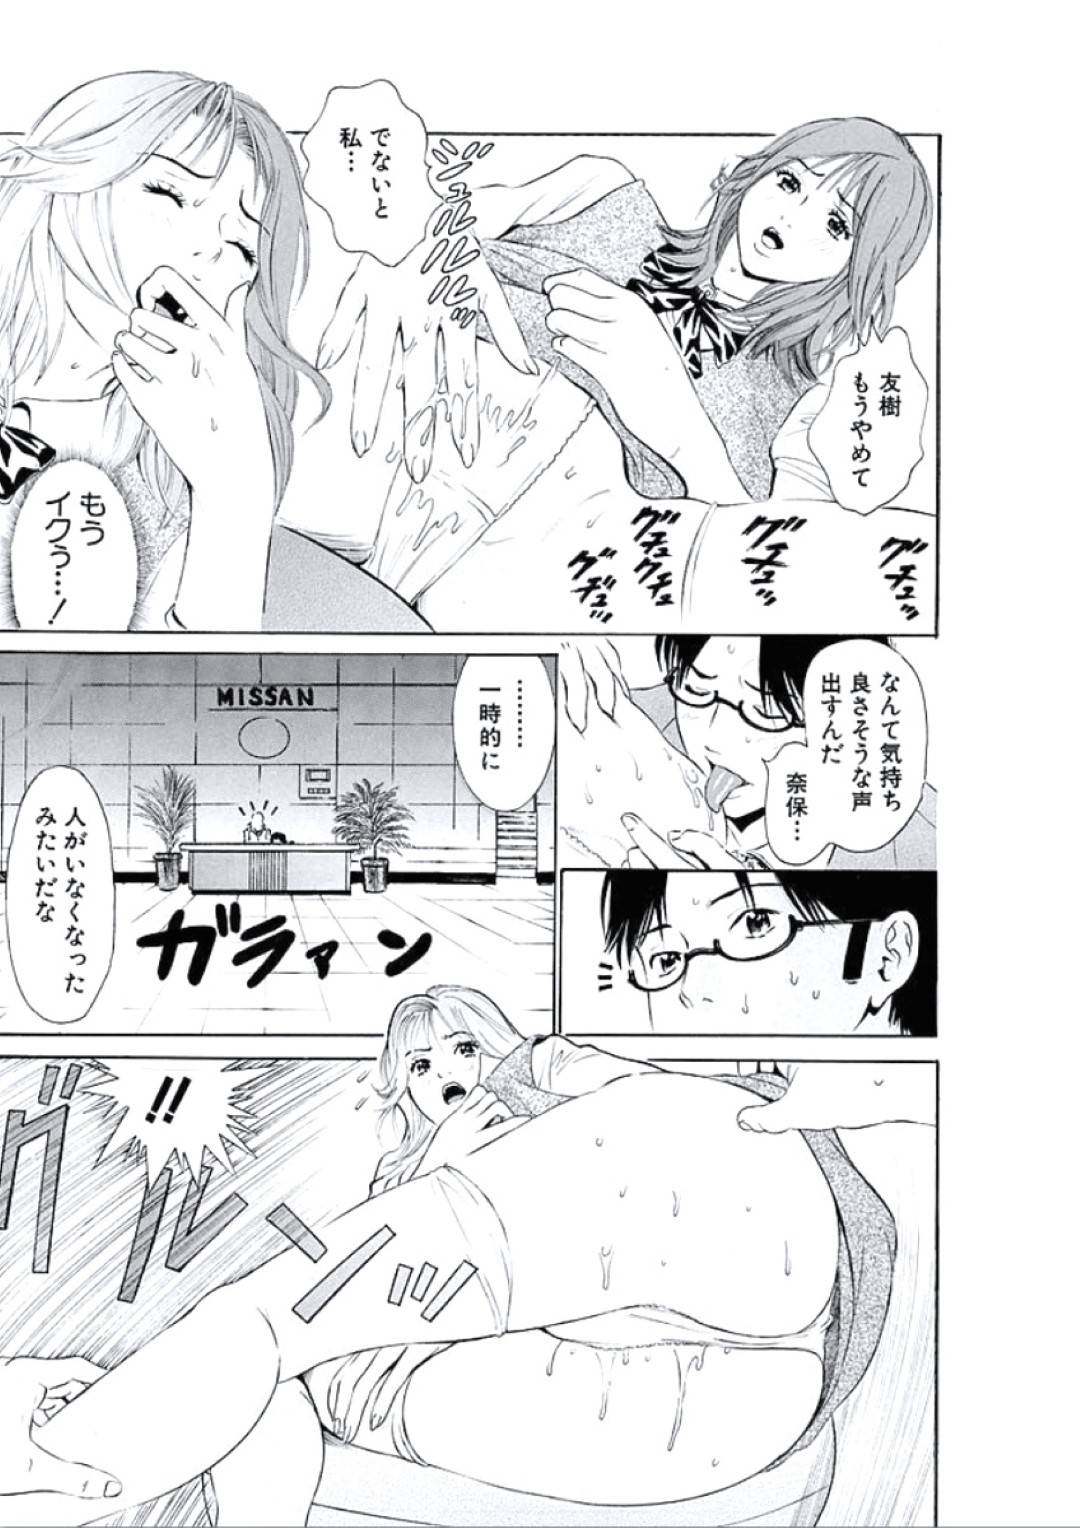 【エロ漫画】人の視線に興奮し受付でオナニーし始める巨乳受付嬢…彼氏に見られて受付のカウンターの中でクンニされて絶頂し全裸になって人に視姦されながら生挿入中出しセックス!【成田マナブ:濡れる受付嬢】